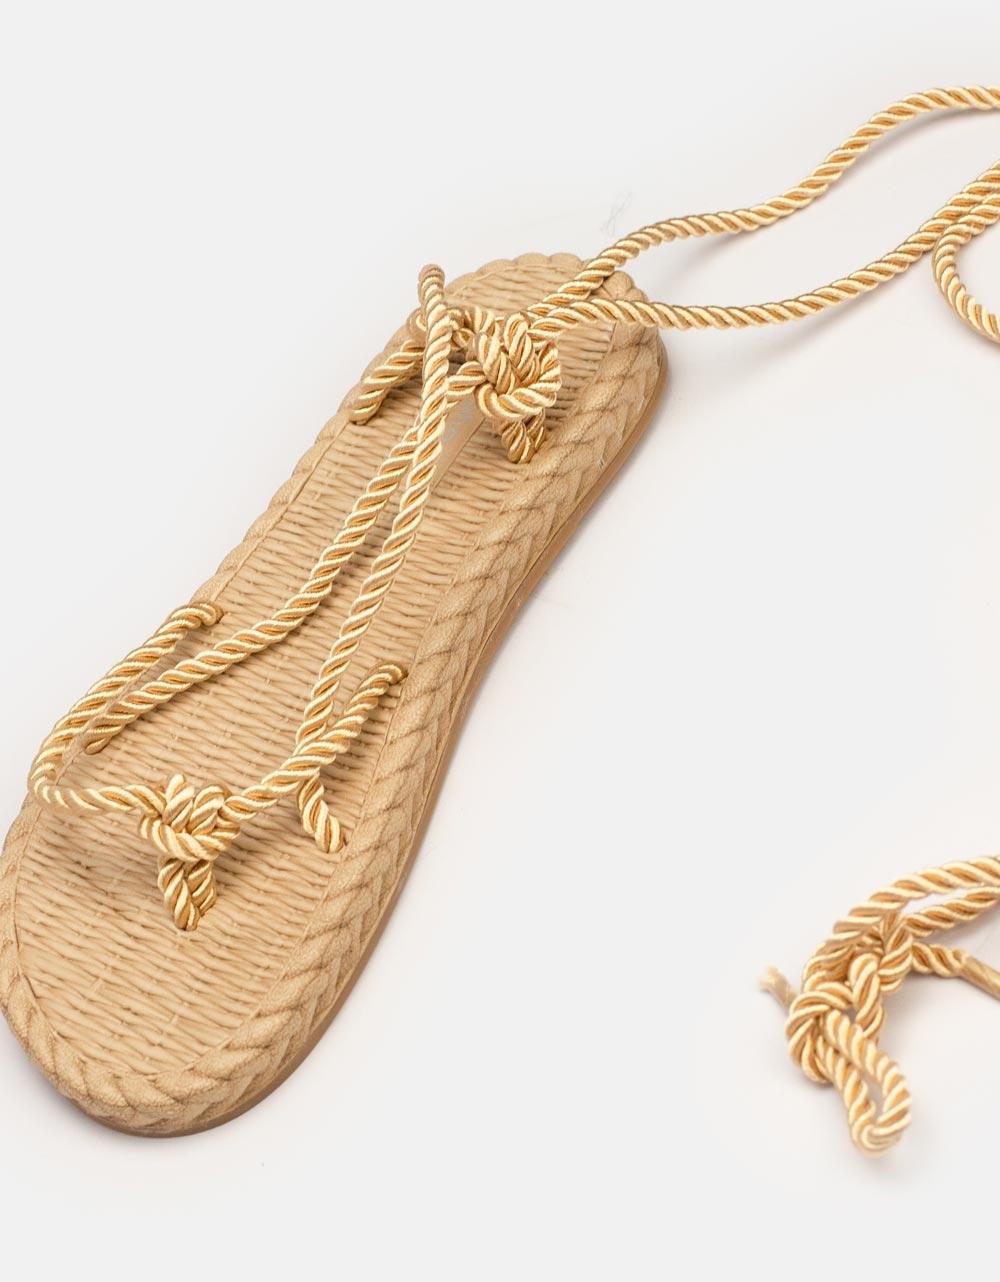 Εικόνα από Γυναικεία σανδάλια lace up με αφρόδη πάτο Χρυσό